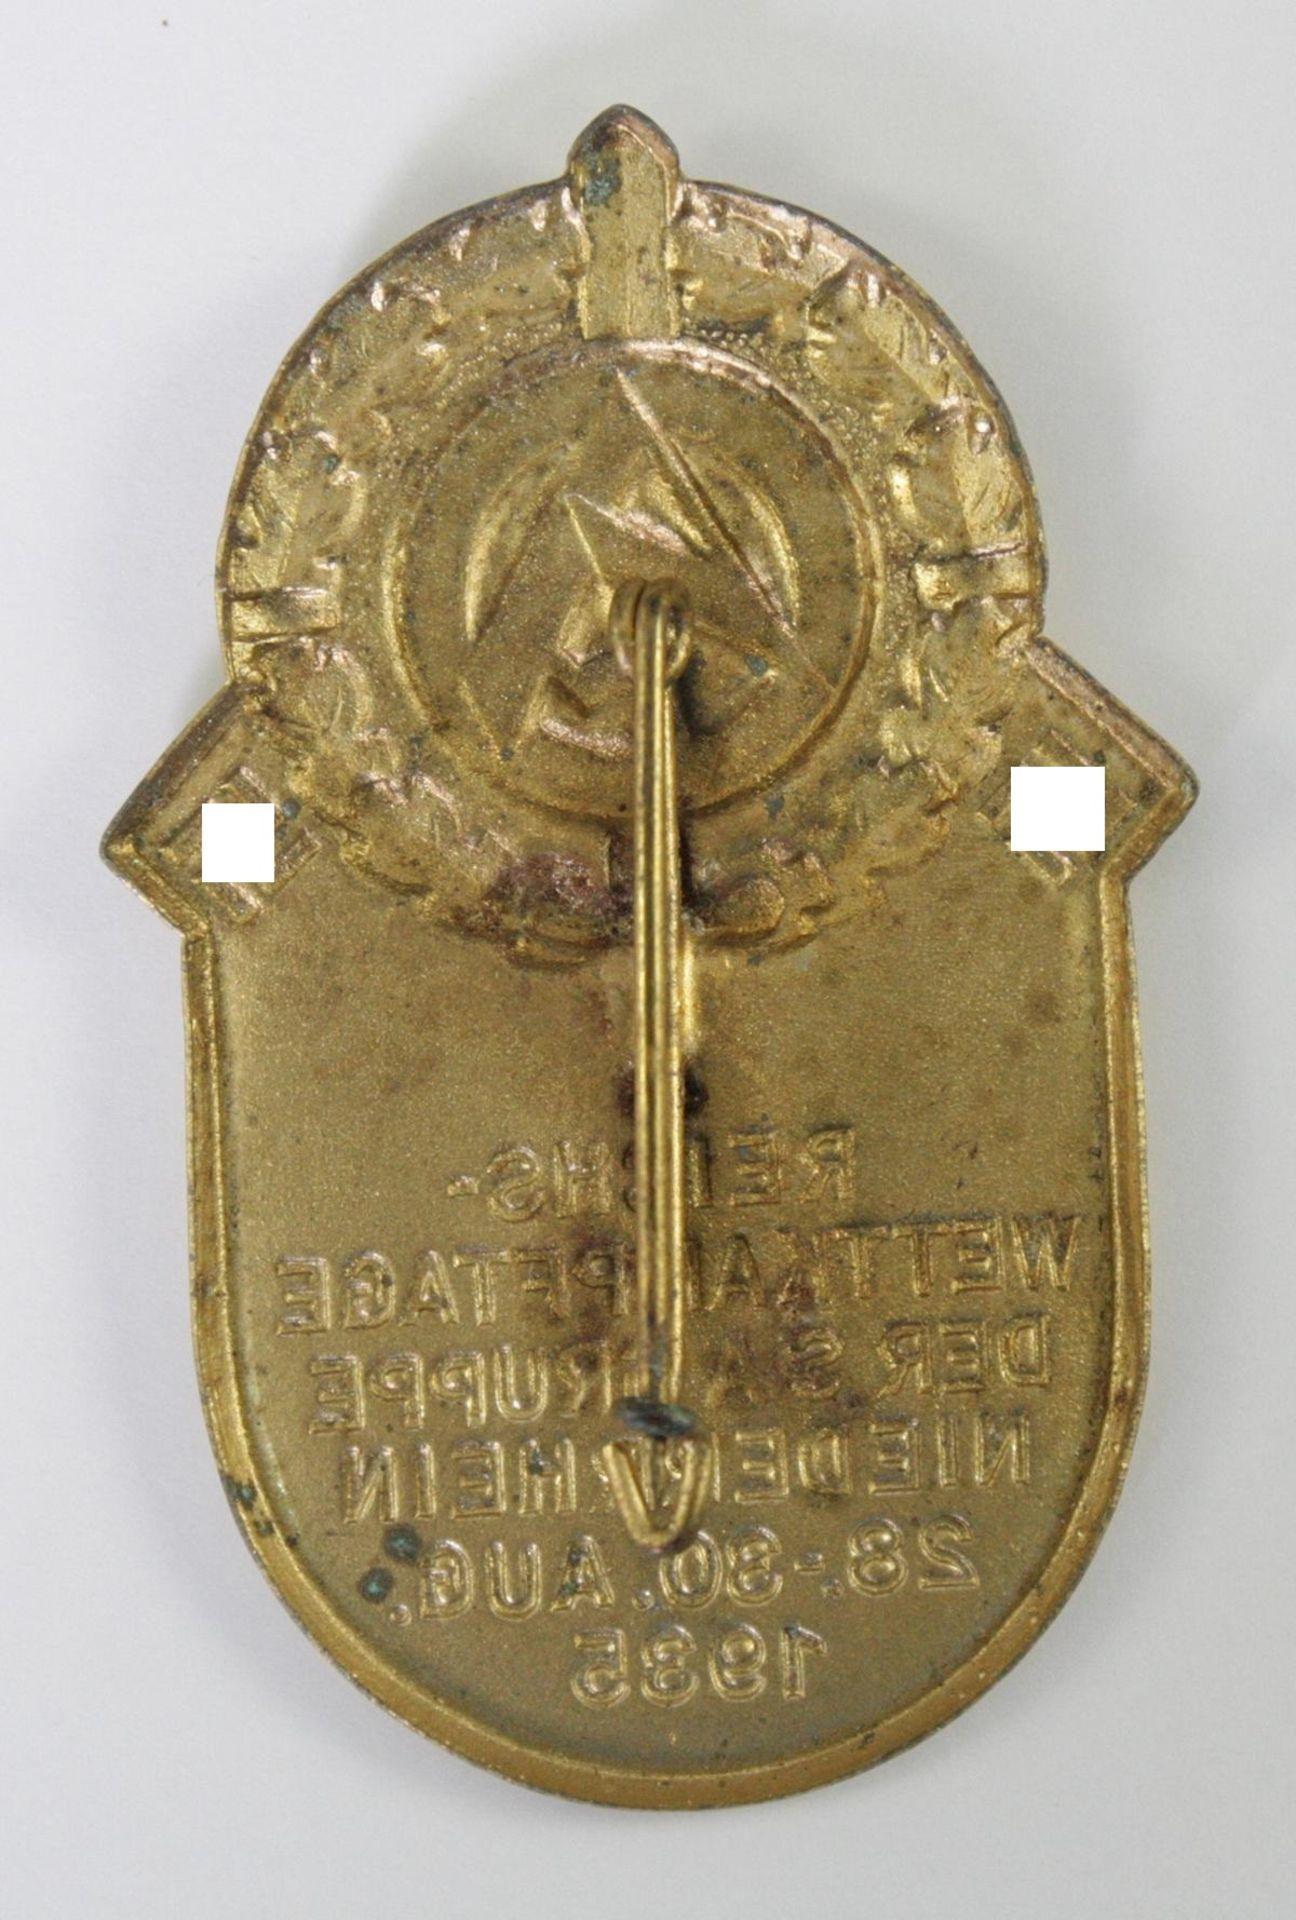 Abzeichen, Reichs-Wettkämpfe der SA Gruppe Niederrhein 1935 - Bild 2 aus 2